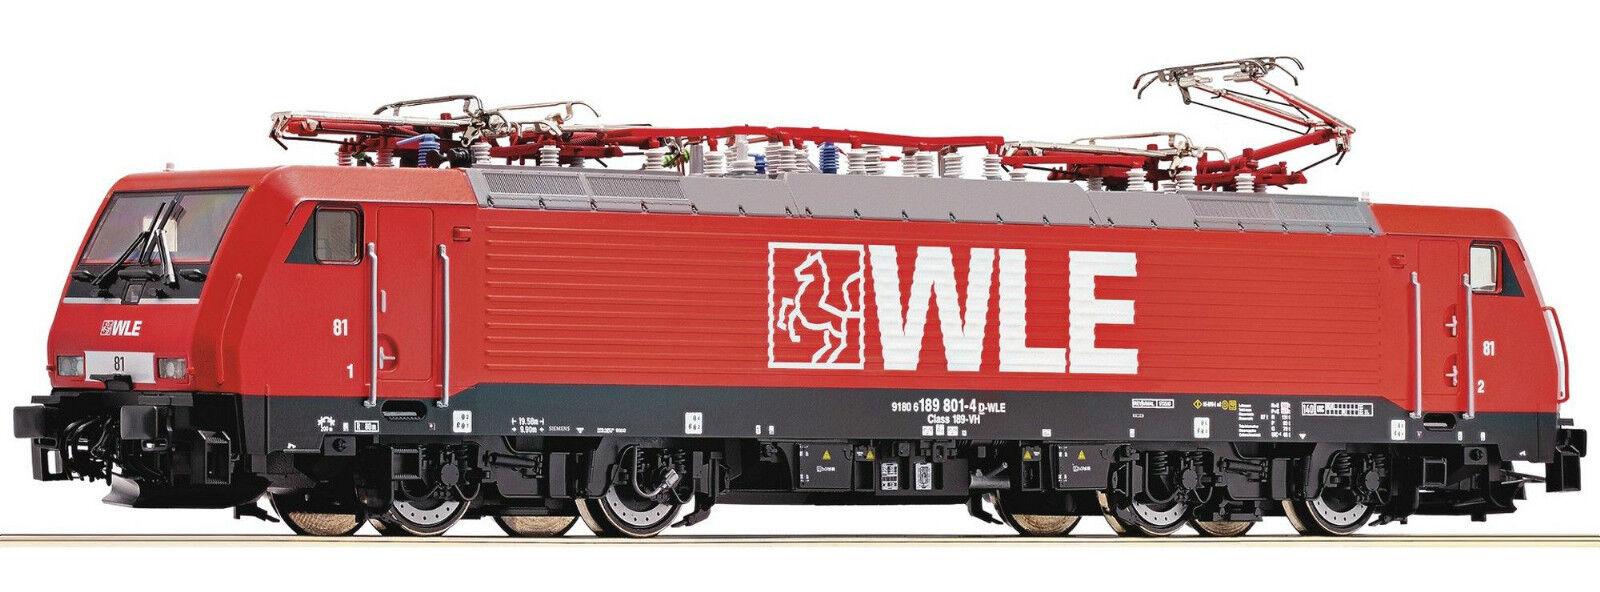 ROCO 725514 D-WLE 189 801-4 Ellok Ep V